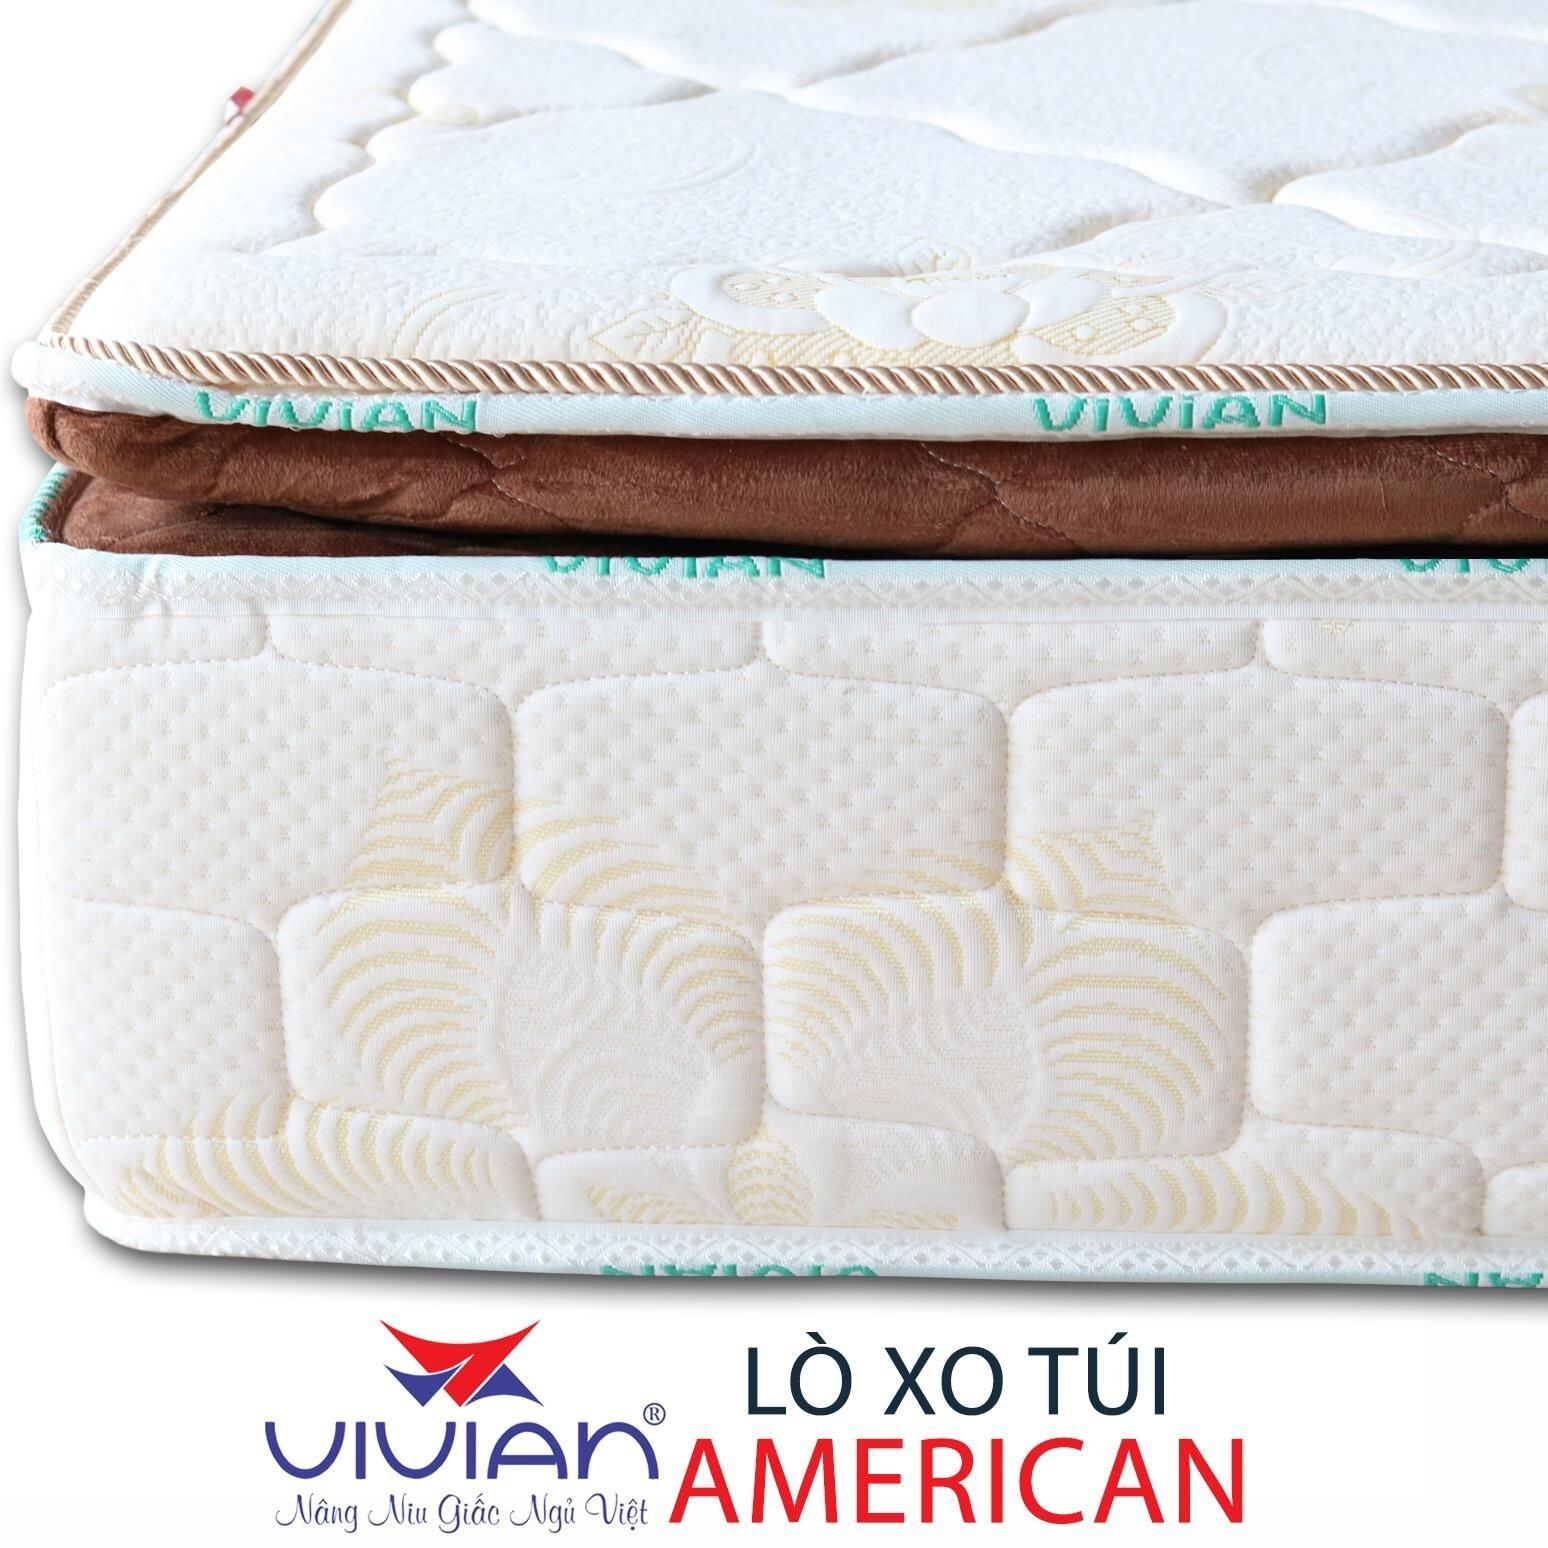 Lớp vải bọc thông thoáng của chiếc nệm Vivian mang lại cảm giác dễ chịu nhất cho người dùng